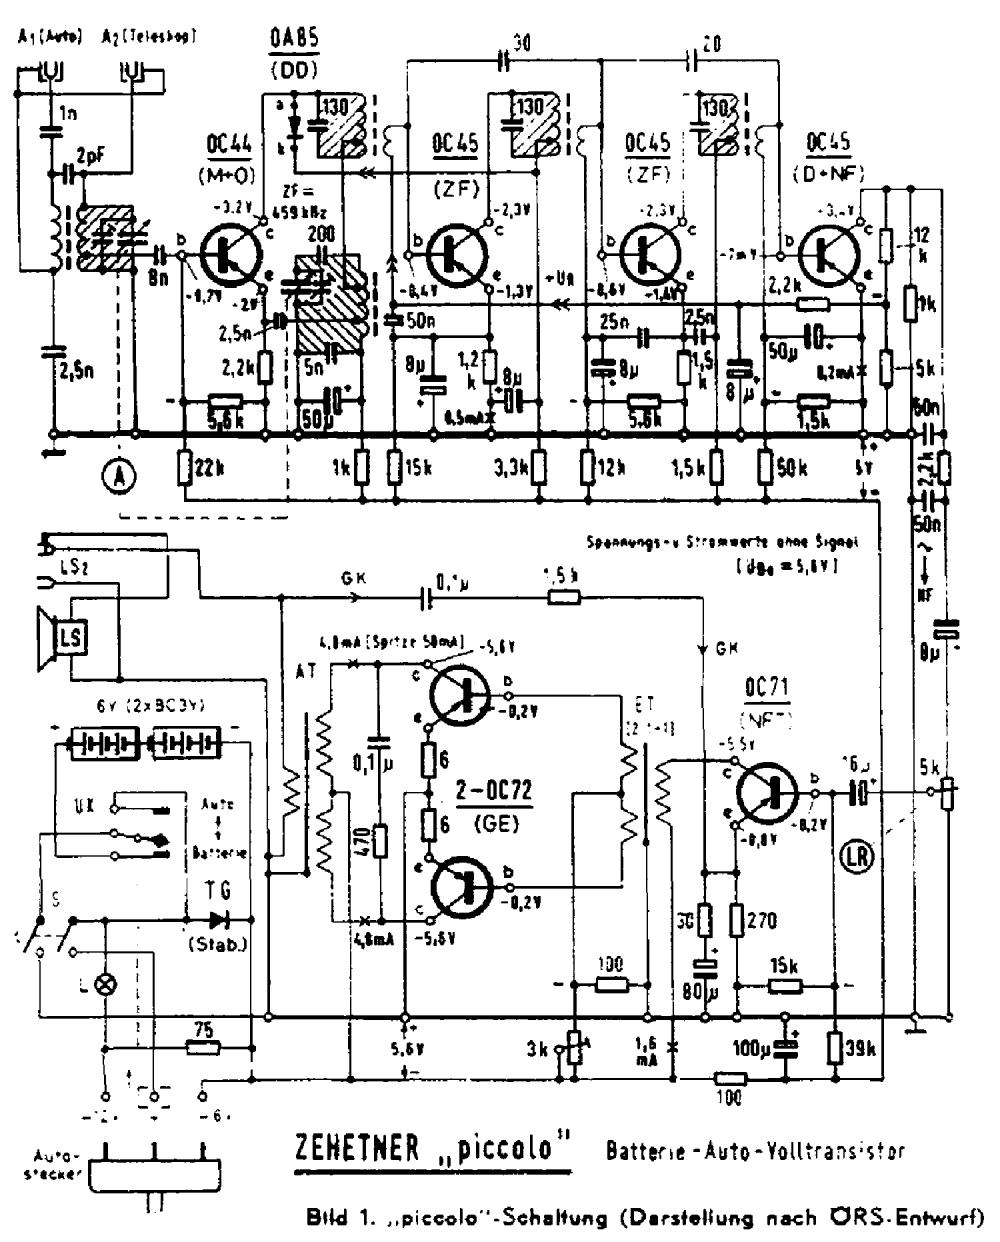 medium resolution of piccolo schematic wiring diagram article reviewpiccolo schematic wiring diagram techniczehetner piccolo auto battery auto volltransistor radio